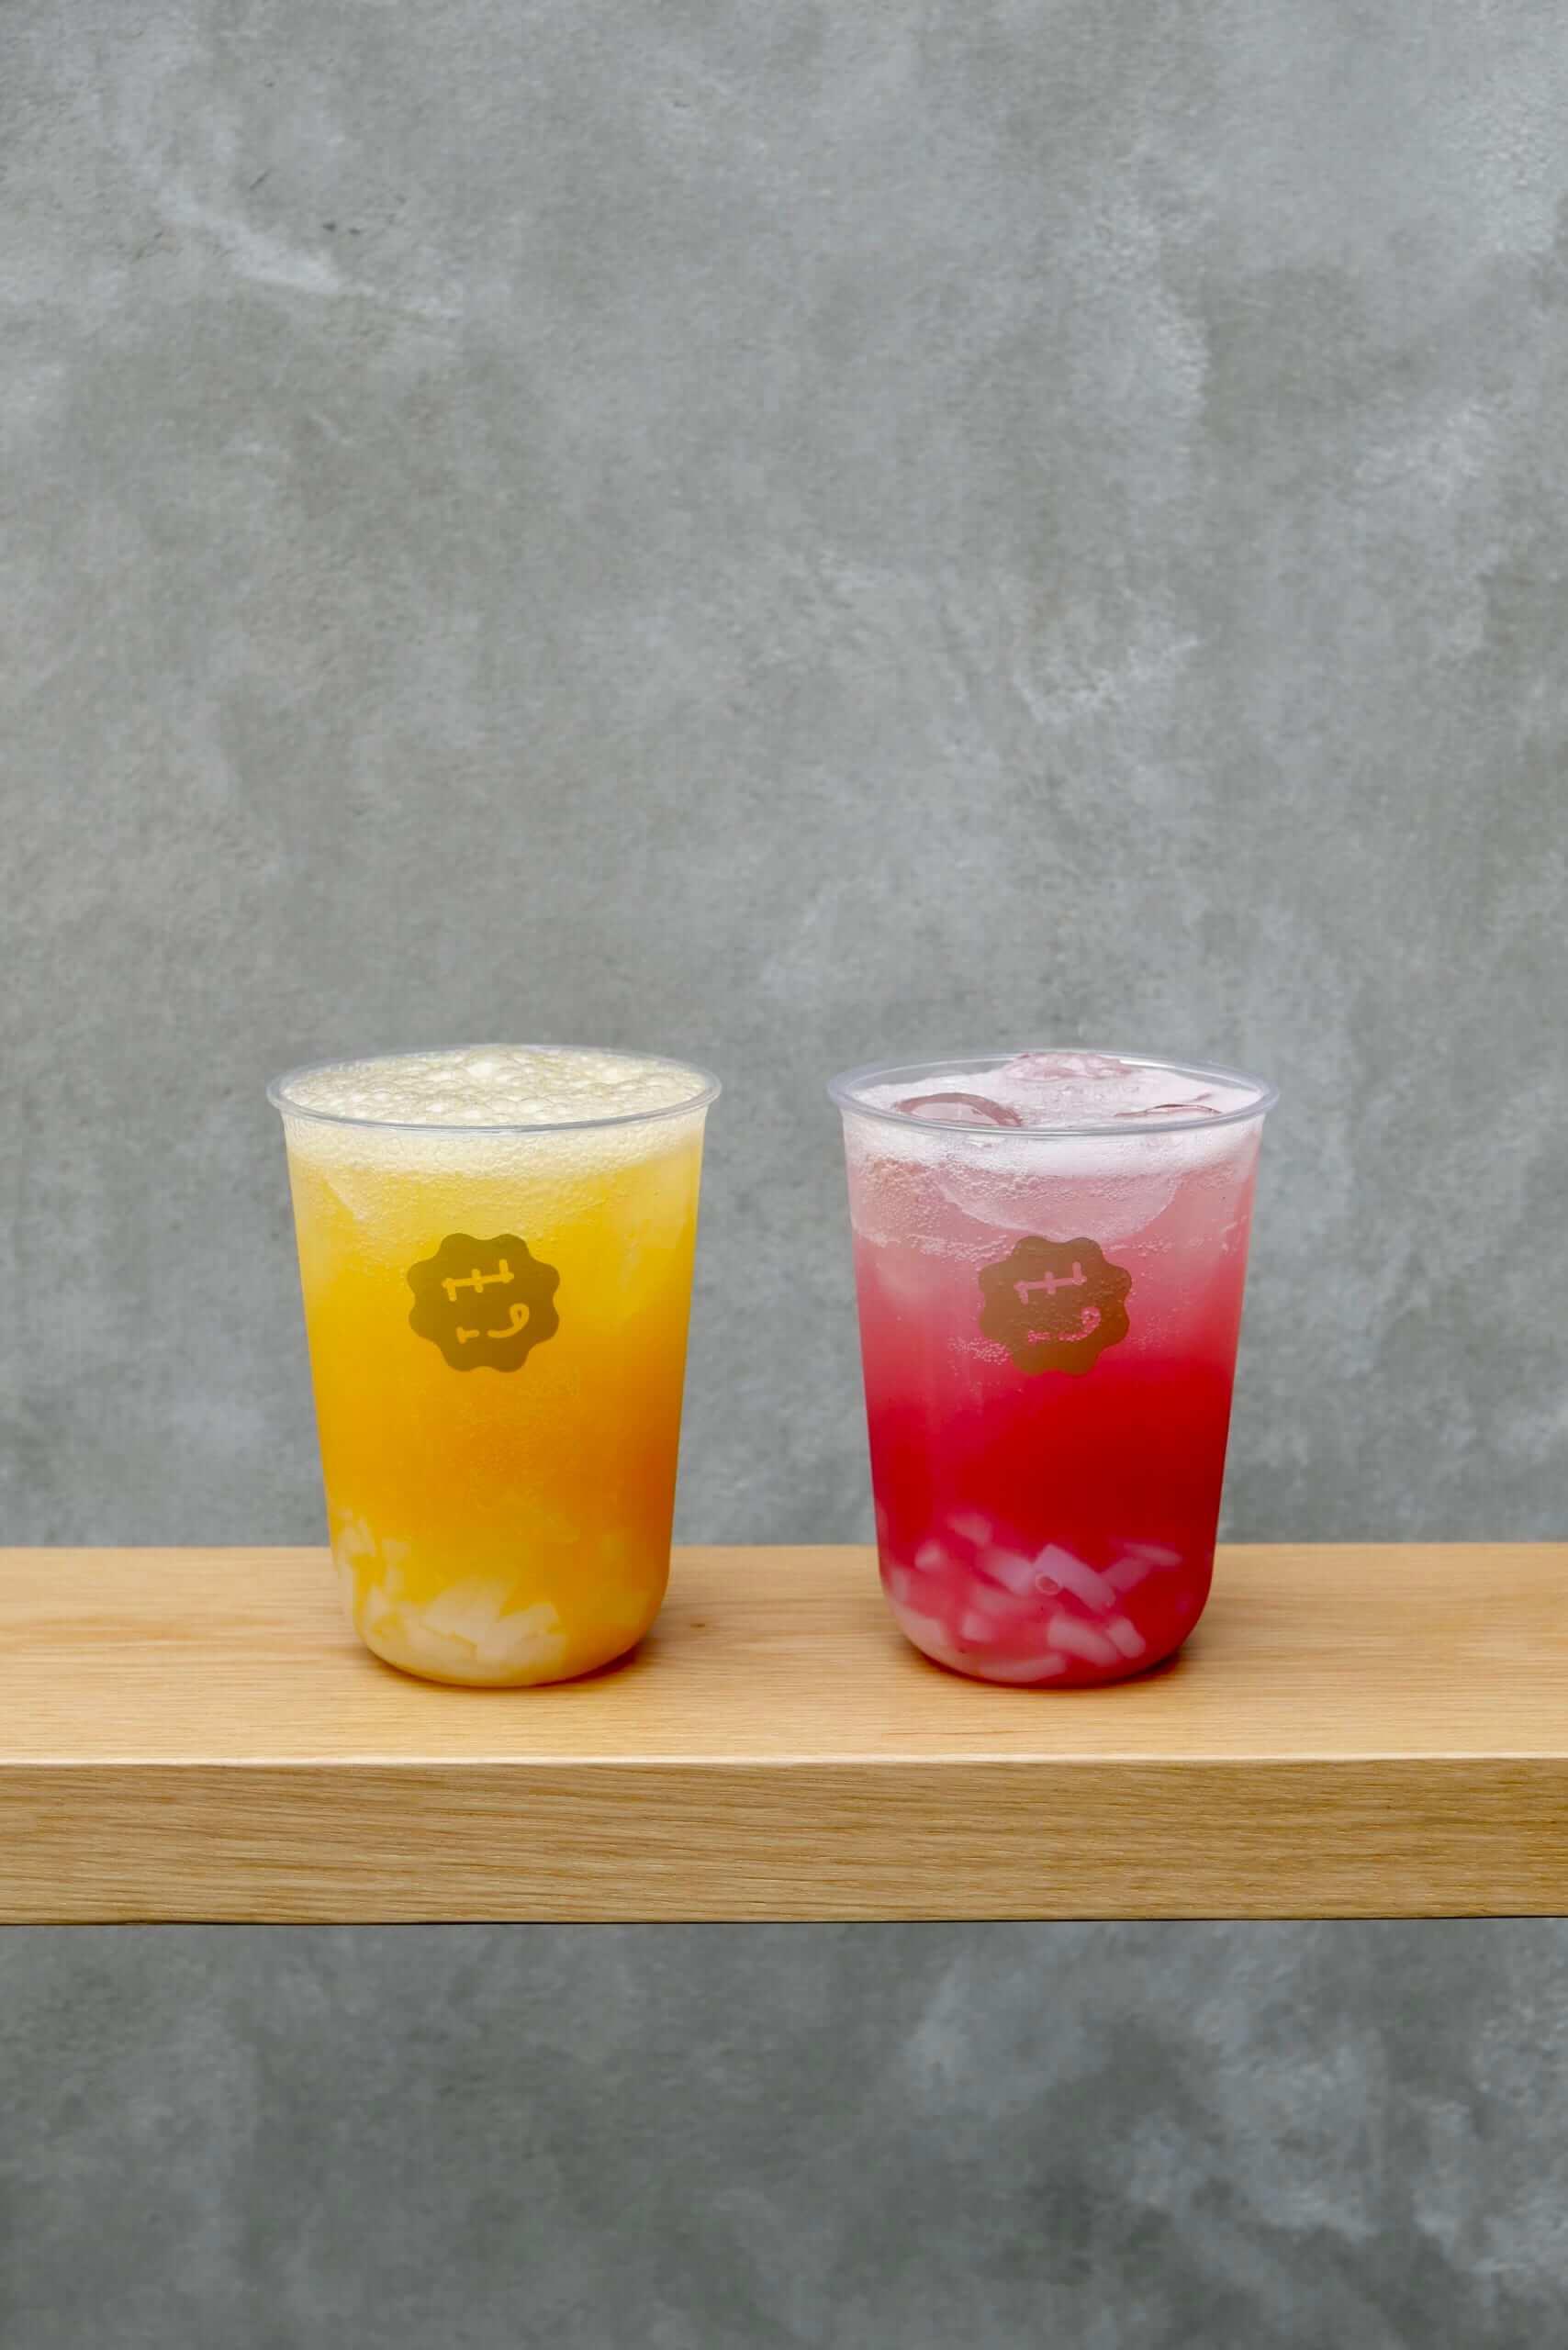 ナタデココソーダ(マンゴーココ、ピーチココ)/¥500(税抜み)